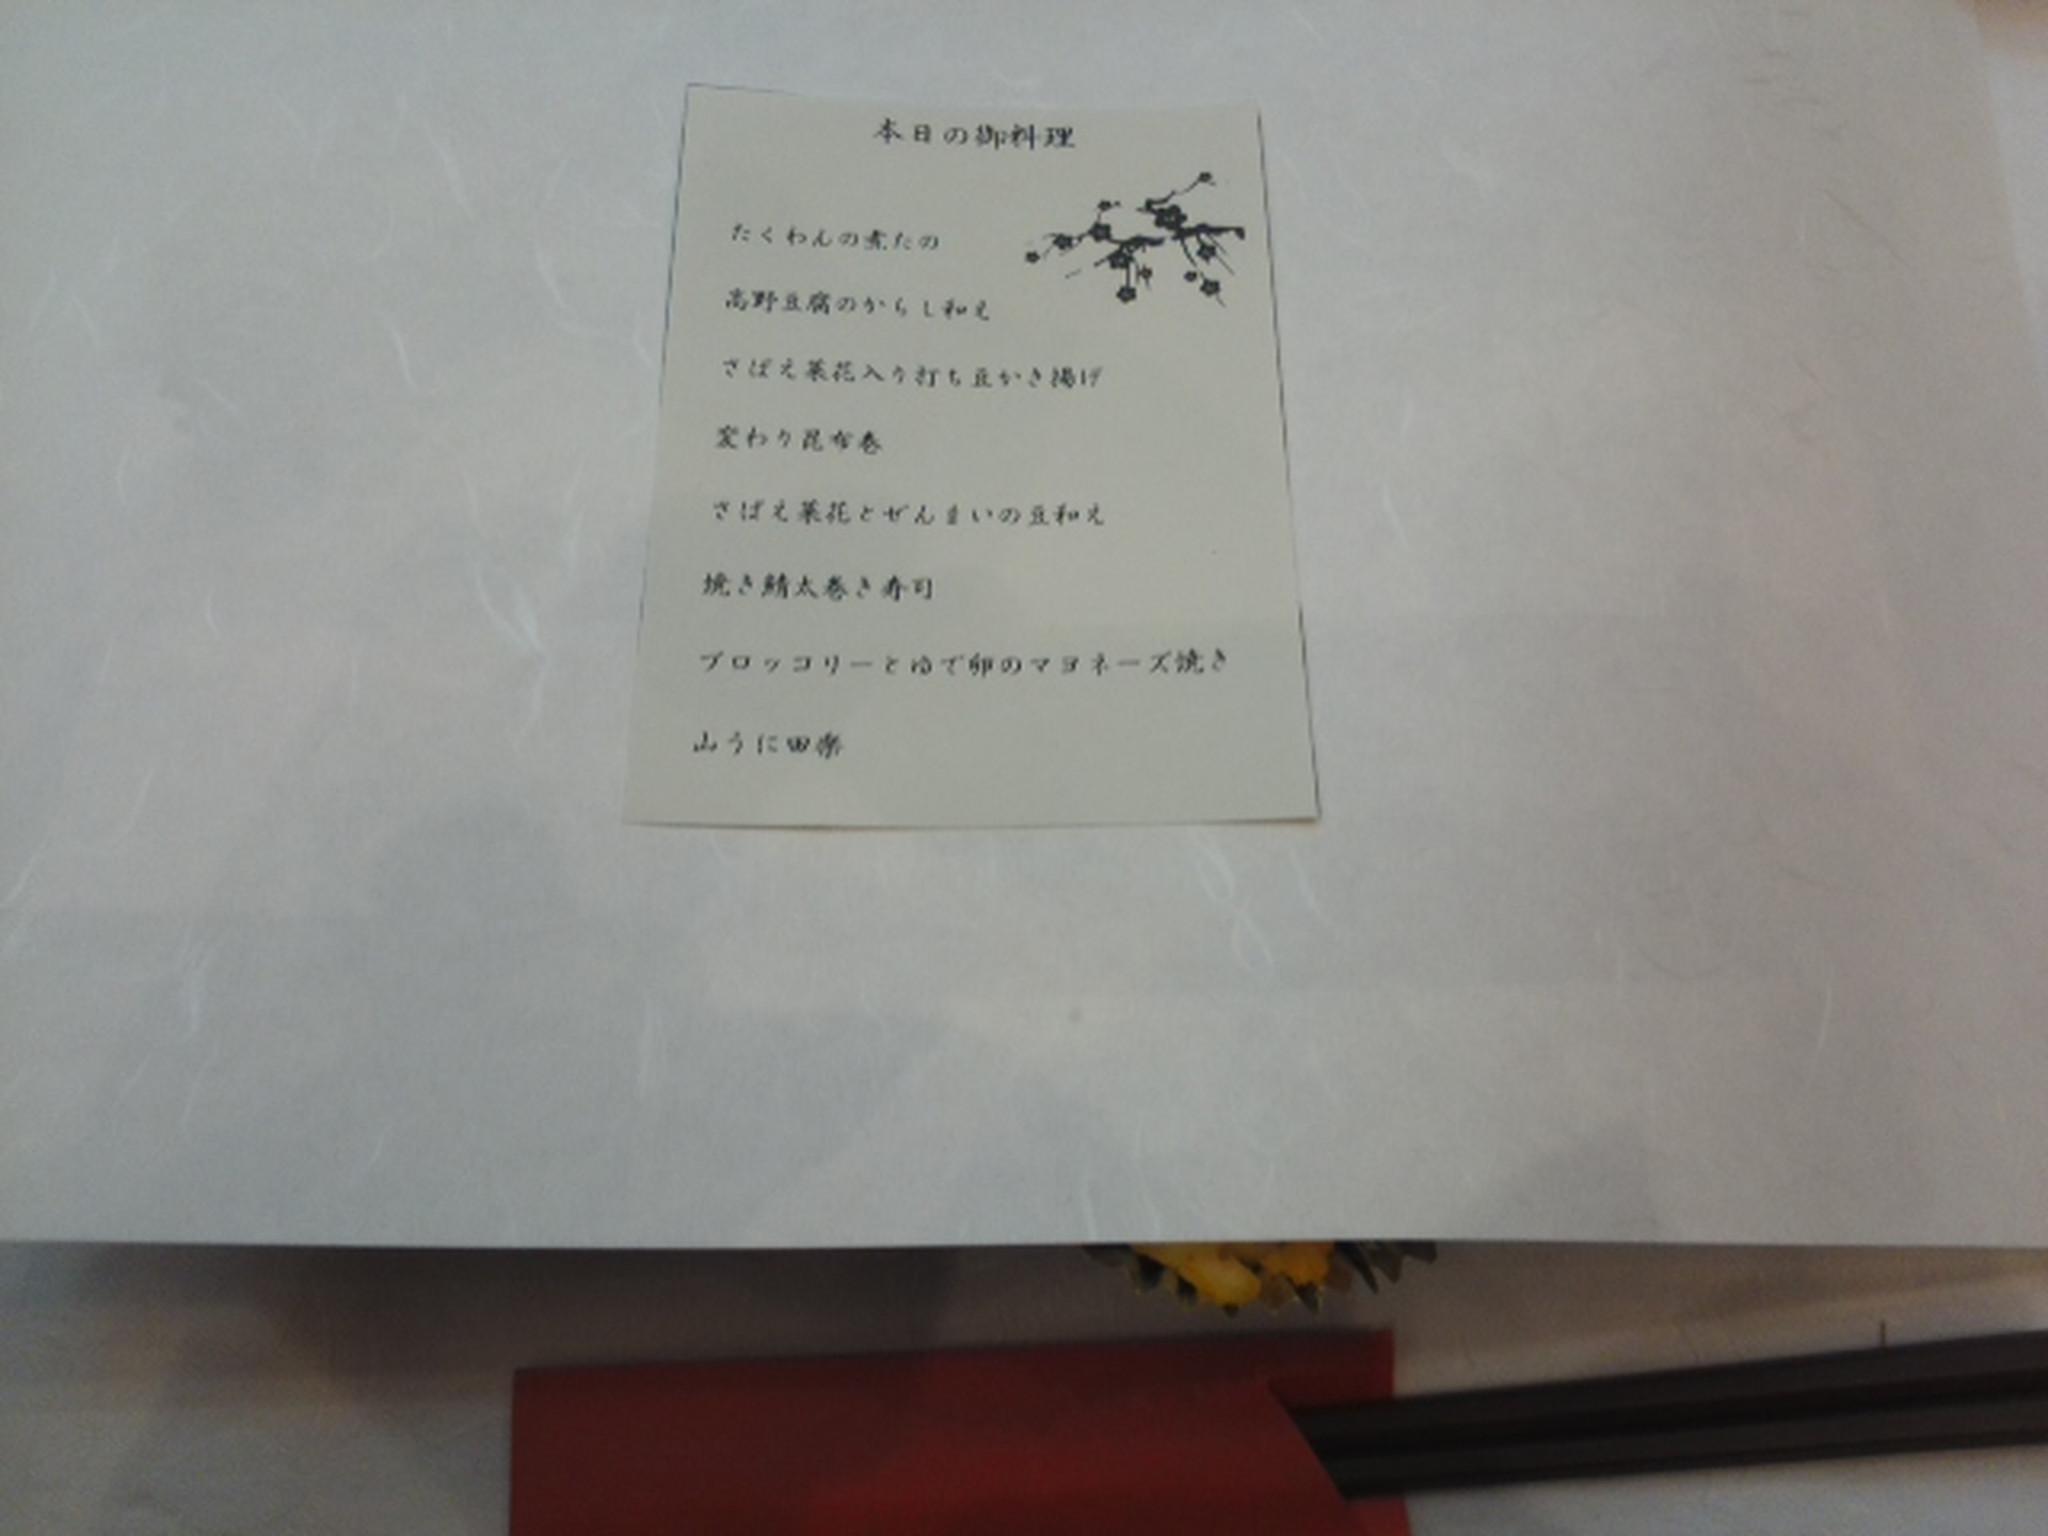 Kc4d0102